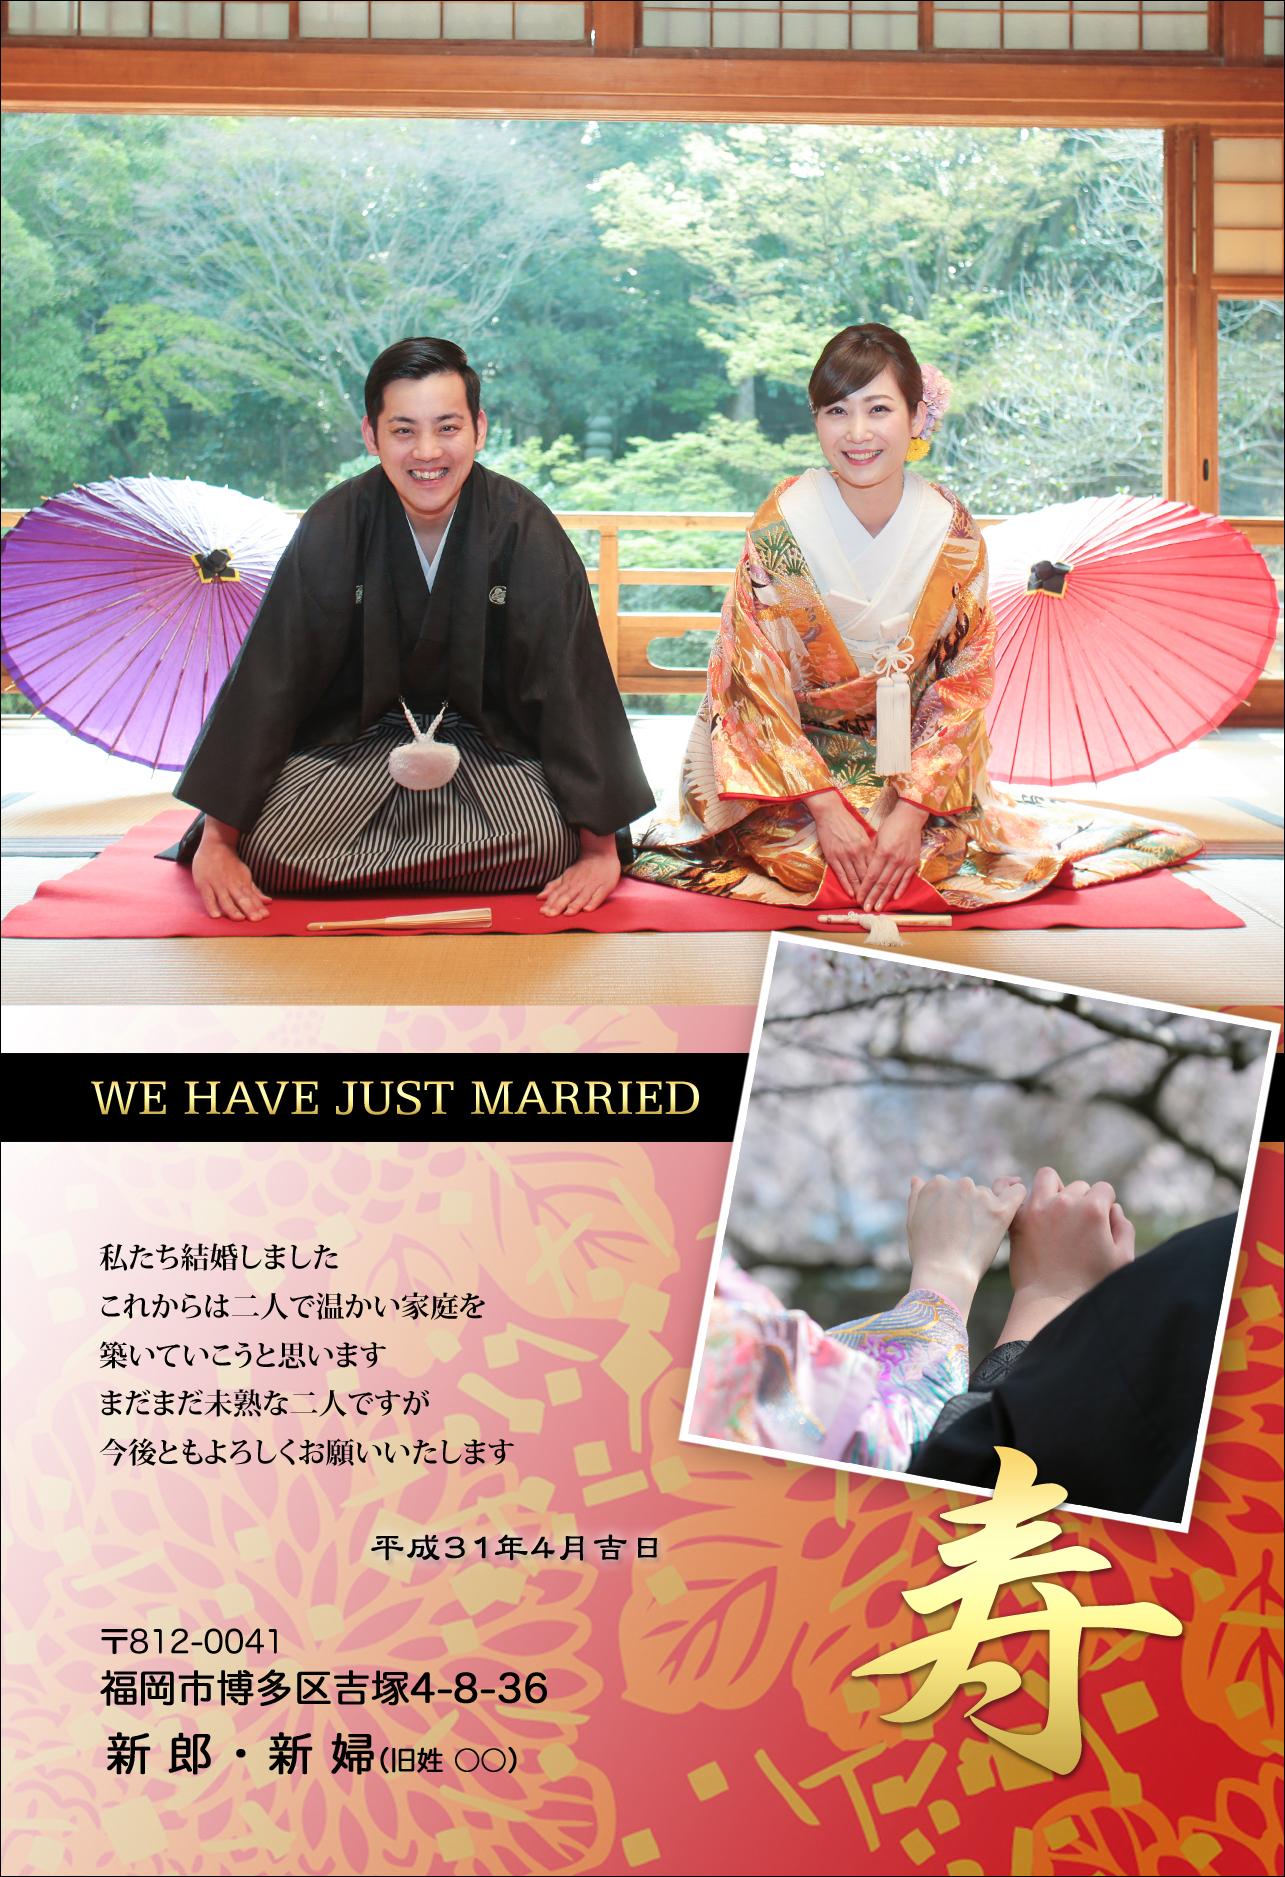 年賀状 結婚 イラスト